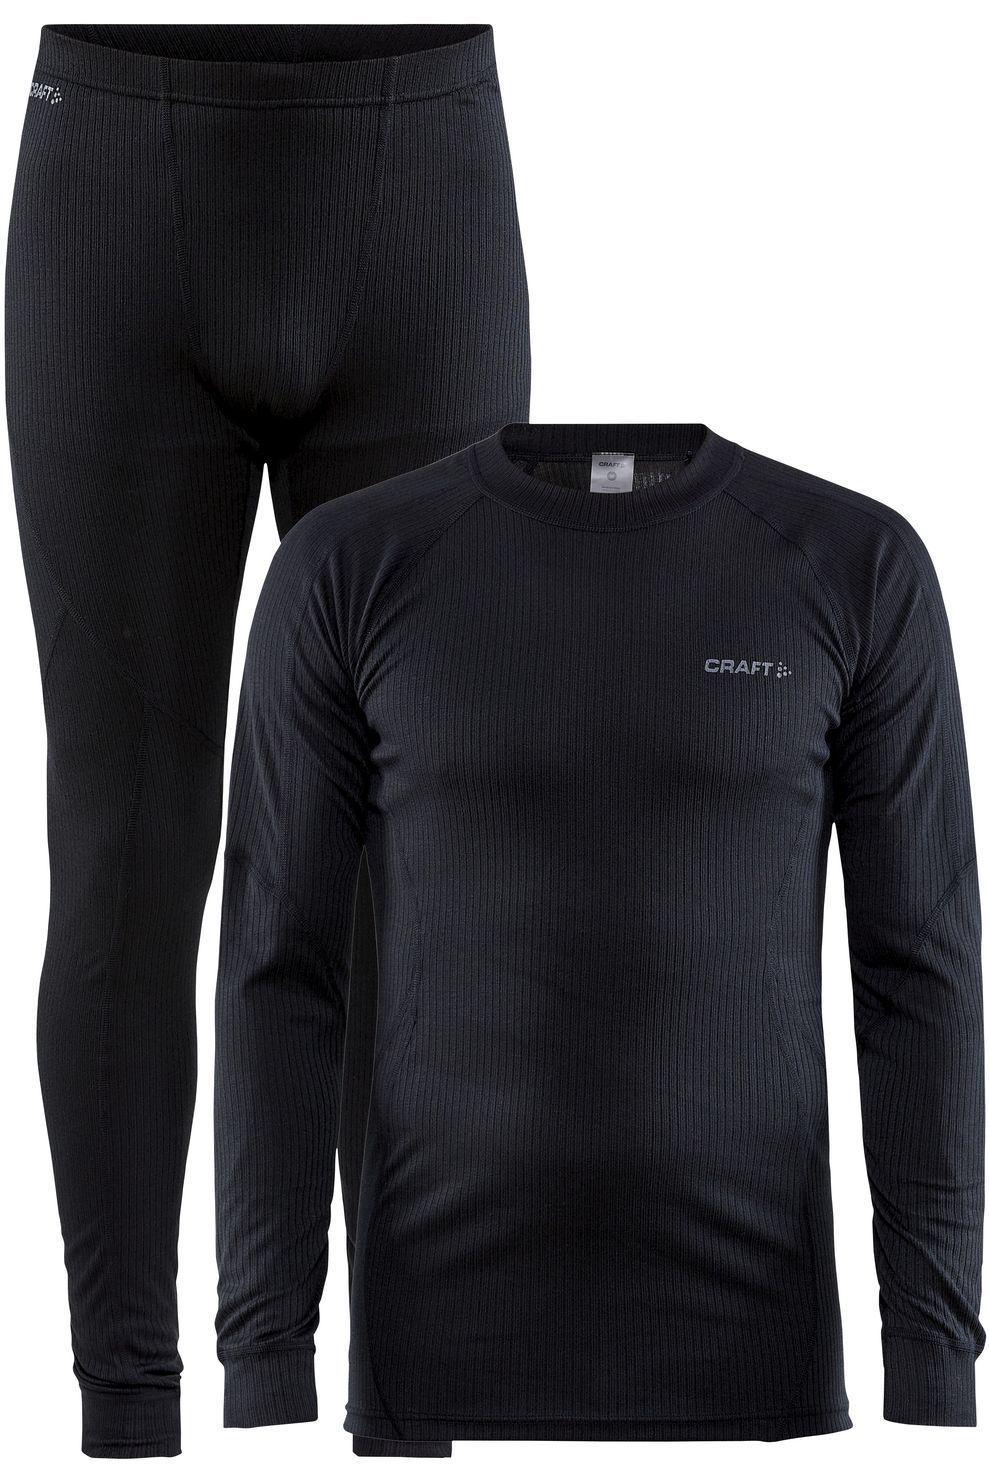 Craft Legging Core Dry Baselayer Set voor heren - Zwart - Maten: XS, S, M, L, XL, XXL - Nieuwe colle